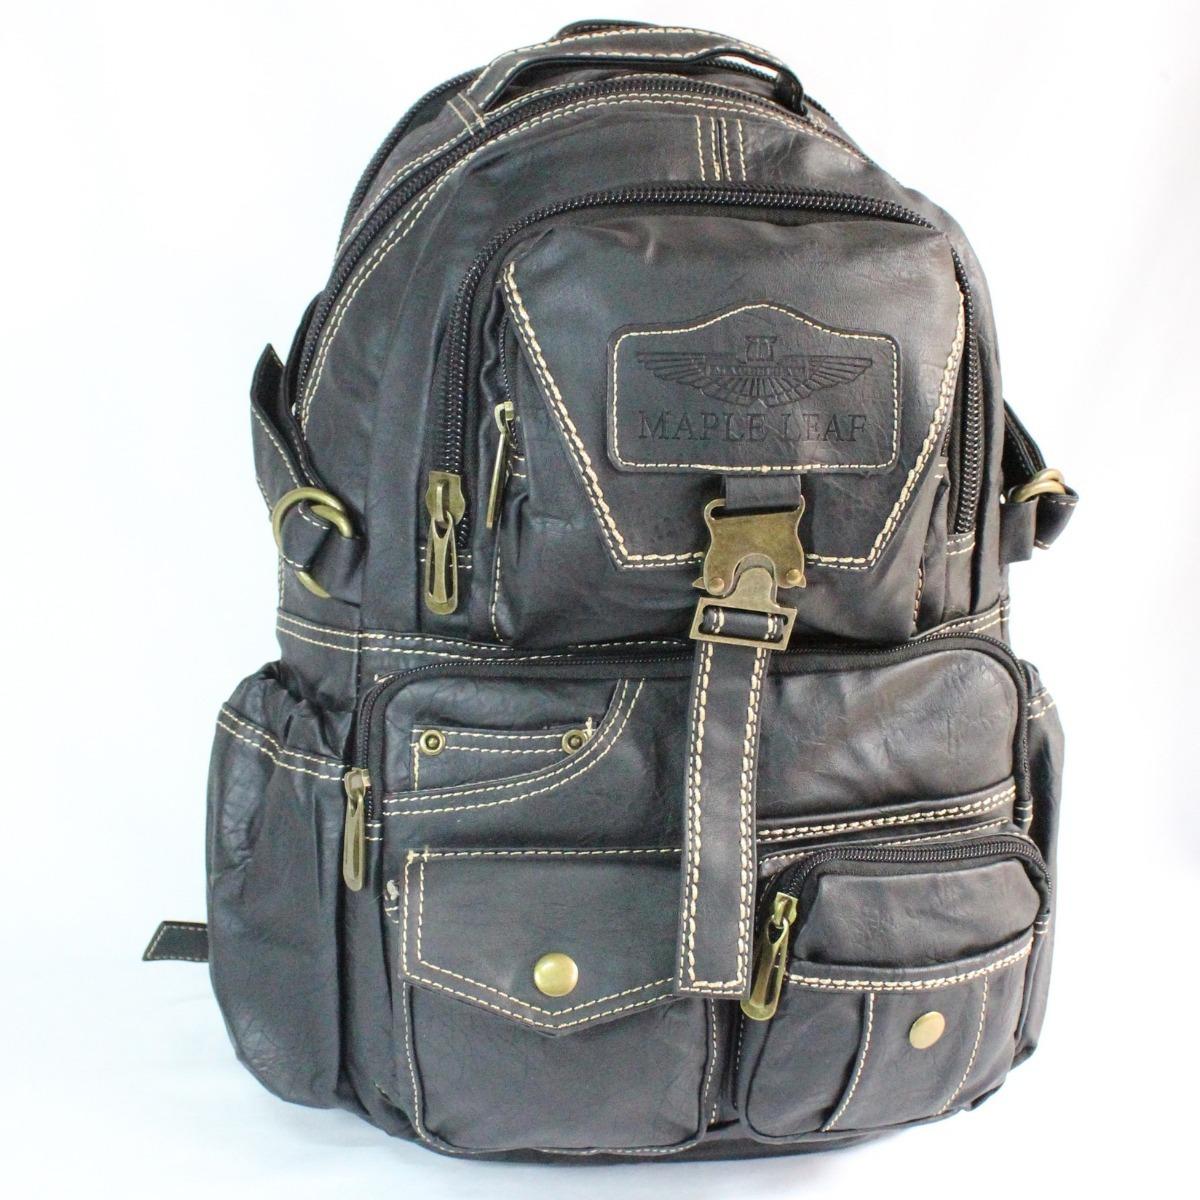 63e3dda49 bolsa mochila feminina notebook viagem faculdade passeio aa. Carregando zoom .